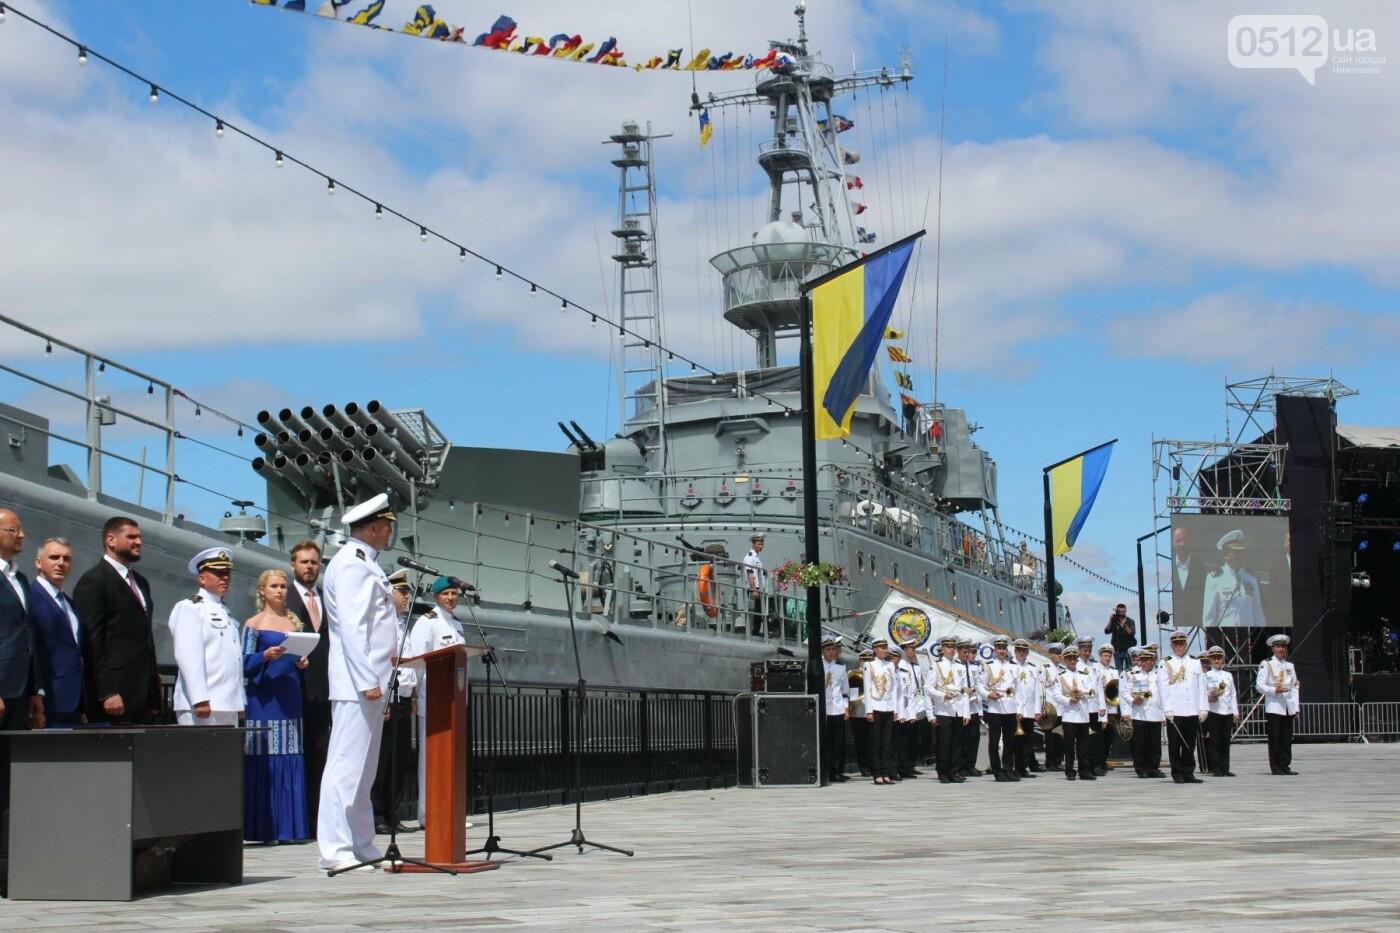 Полевая кухня, марш военных и выставка техники: как в Николаеве отмечали День ВМС Украины, фото-19